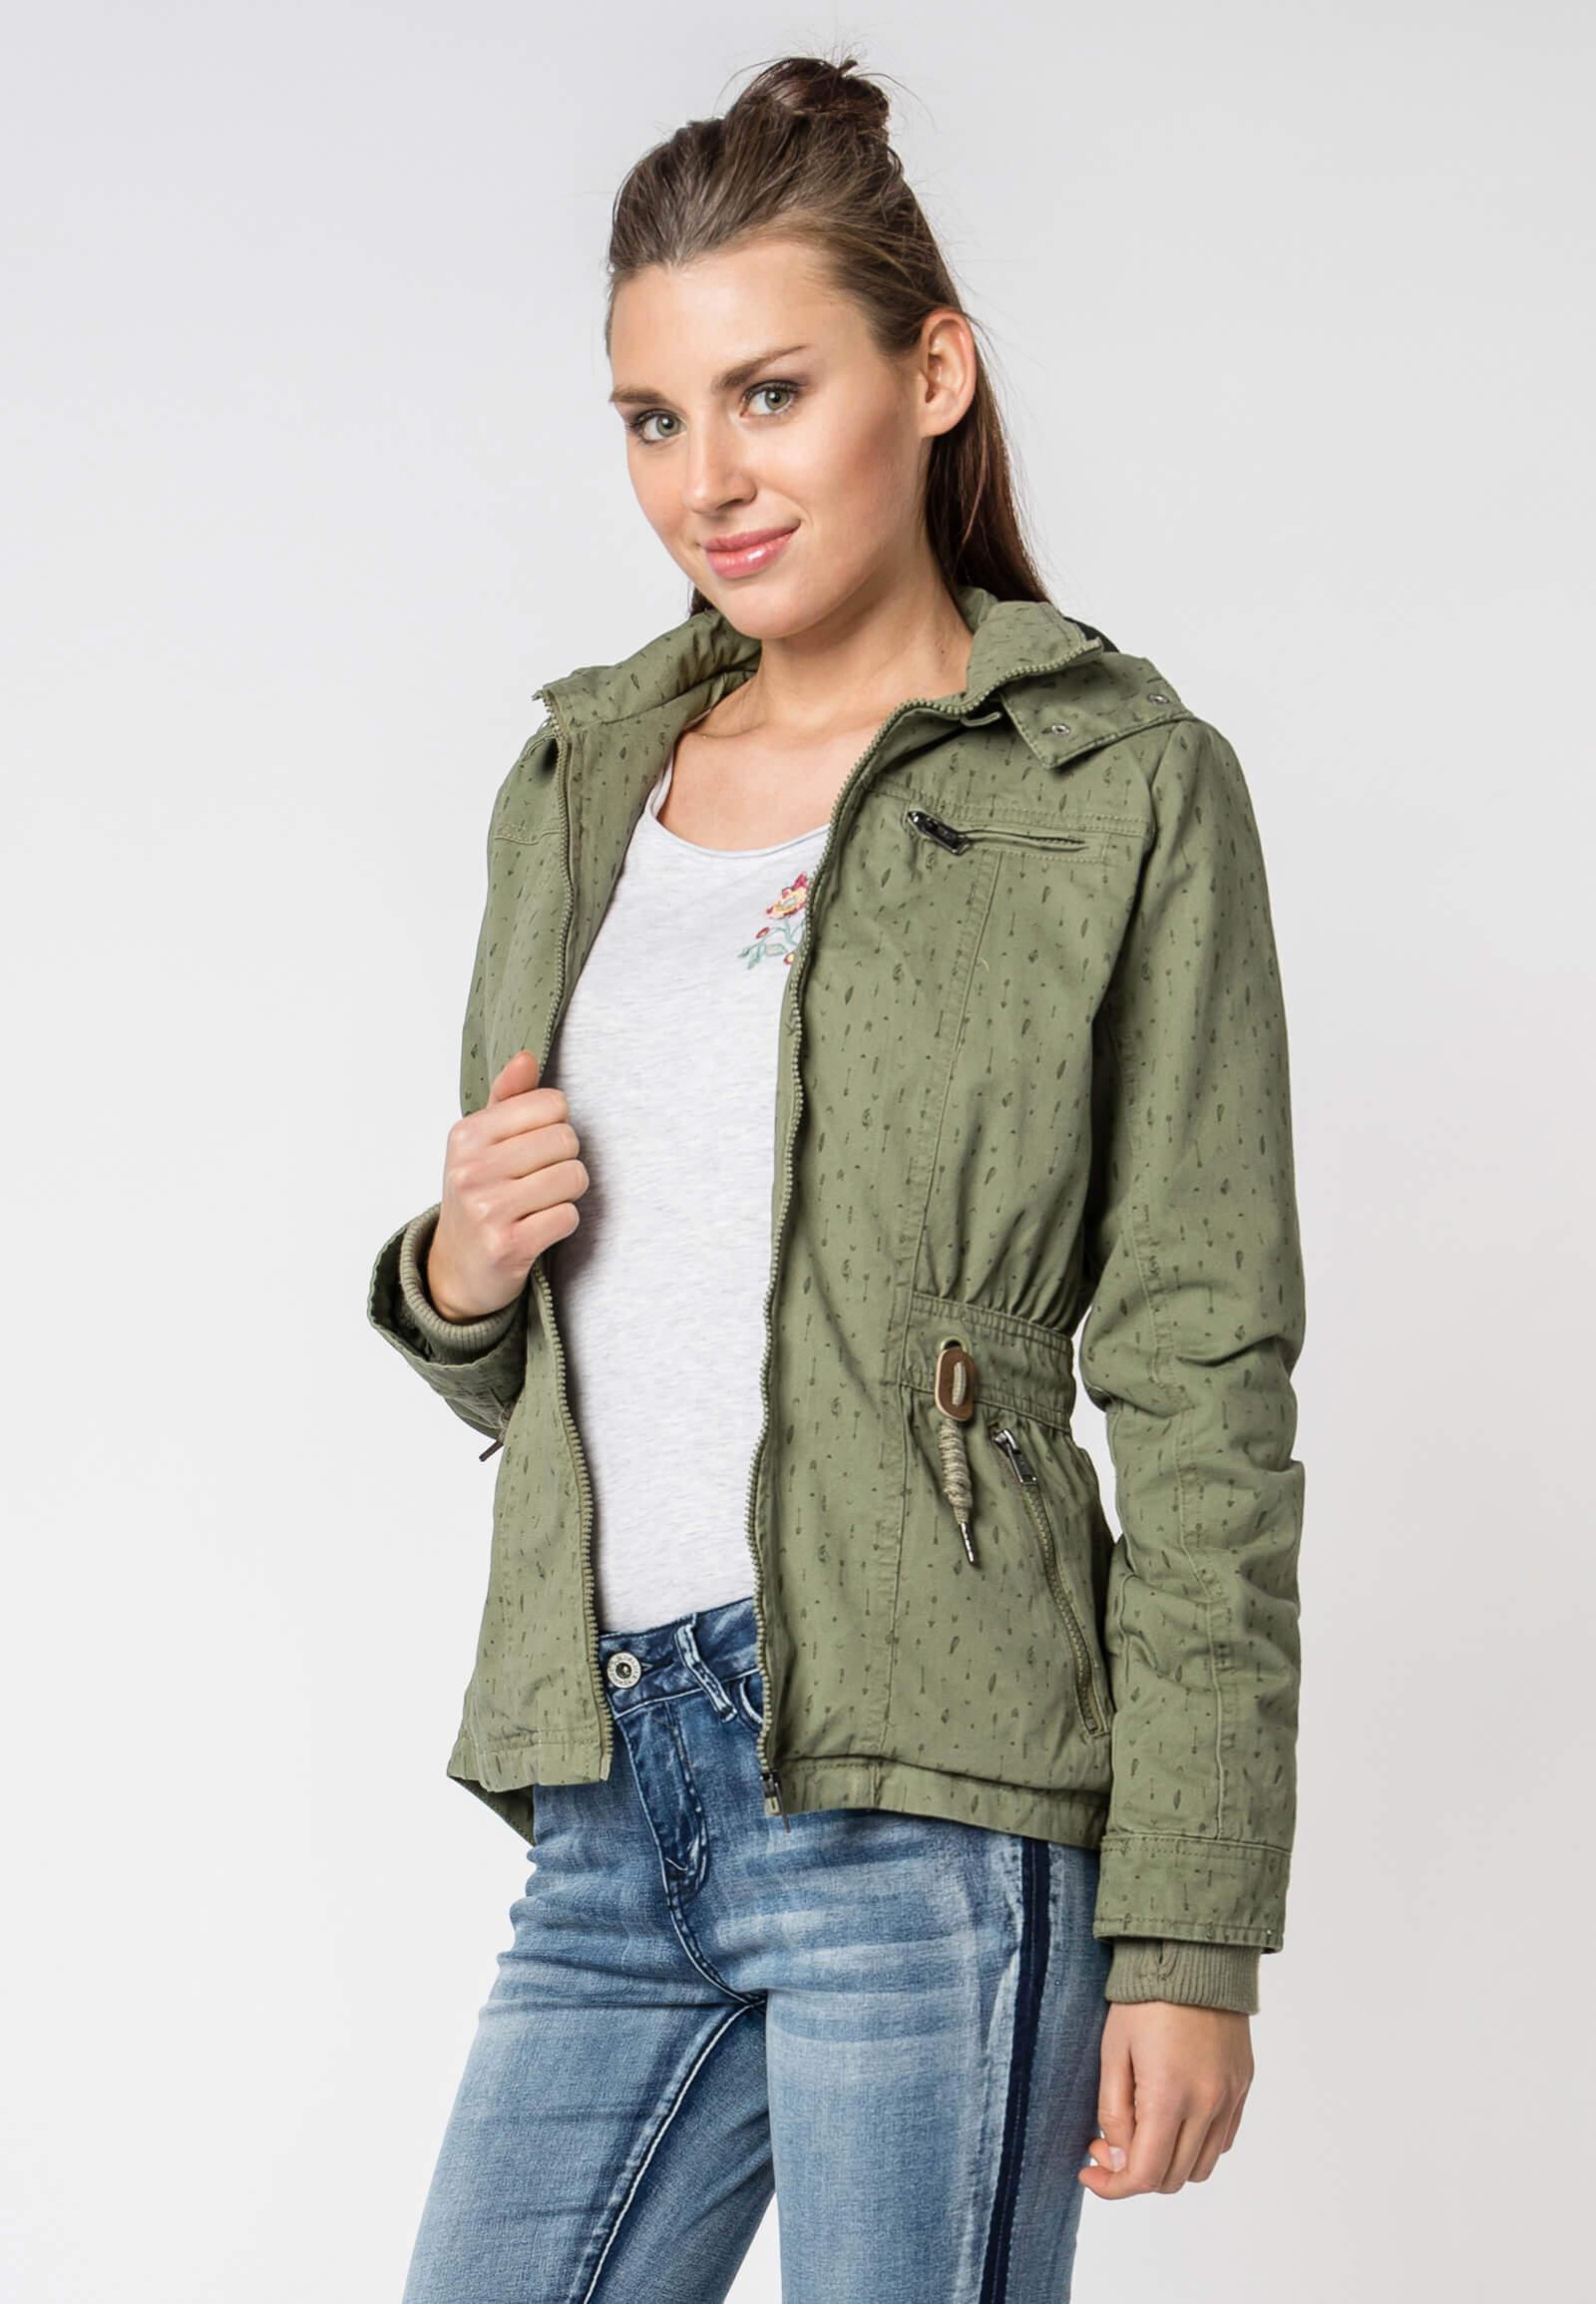 Damen Outfit mit grüner Jacke